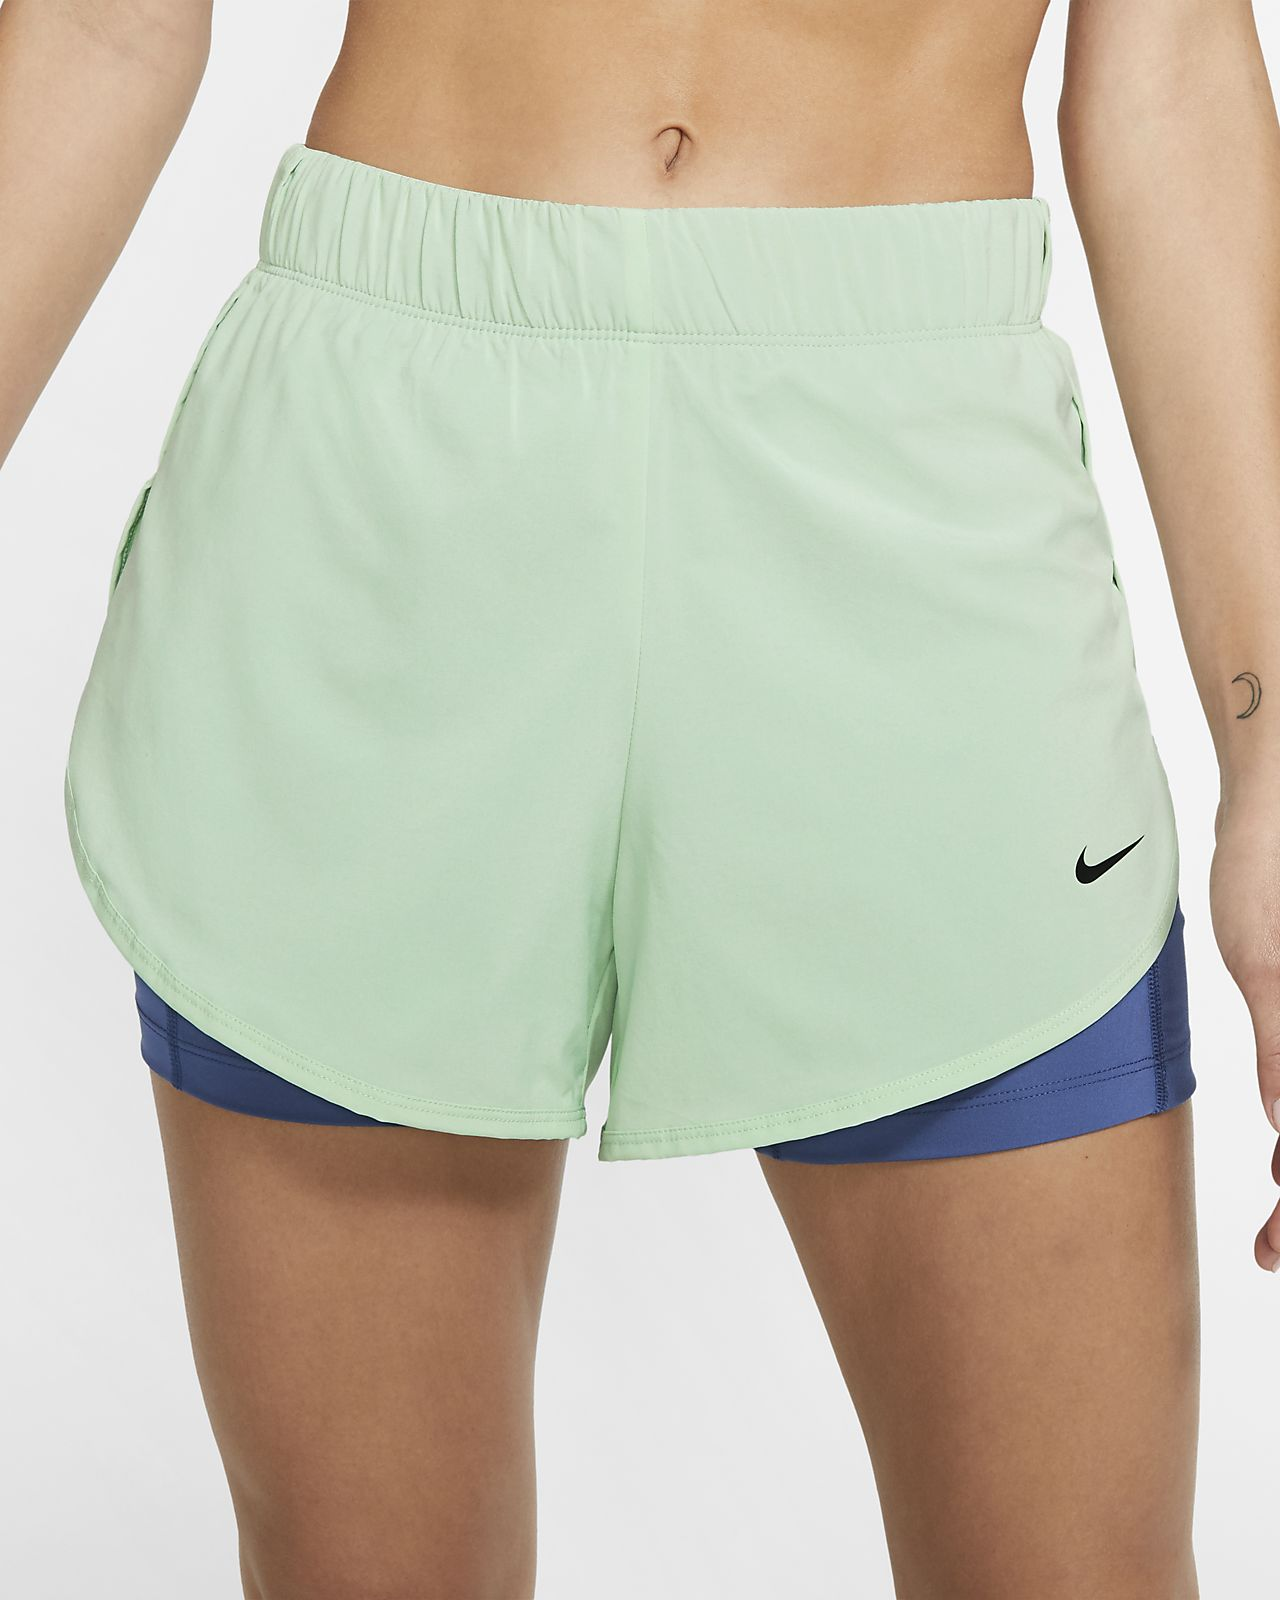 กางเกงเทรนนิ่งขาสั้น 2-in-1 ผู้หญิง Nike Flex